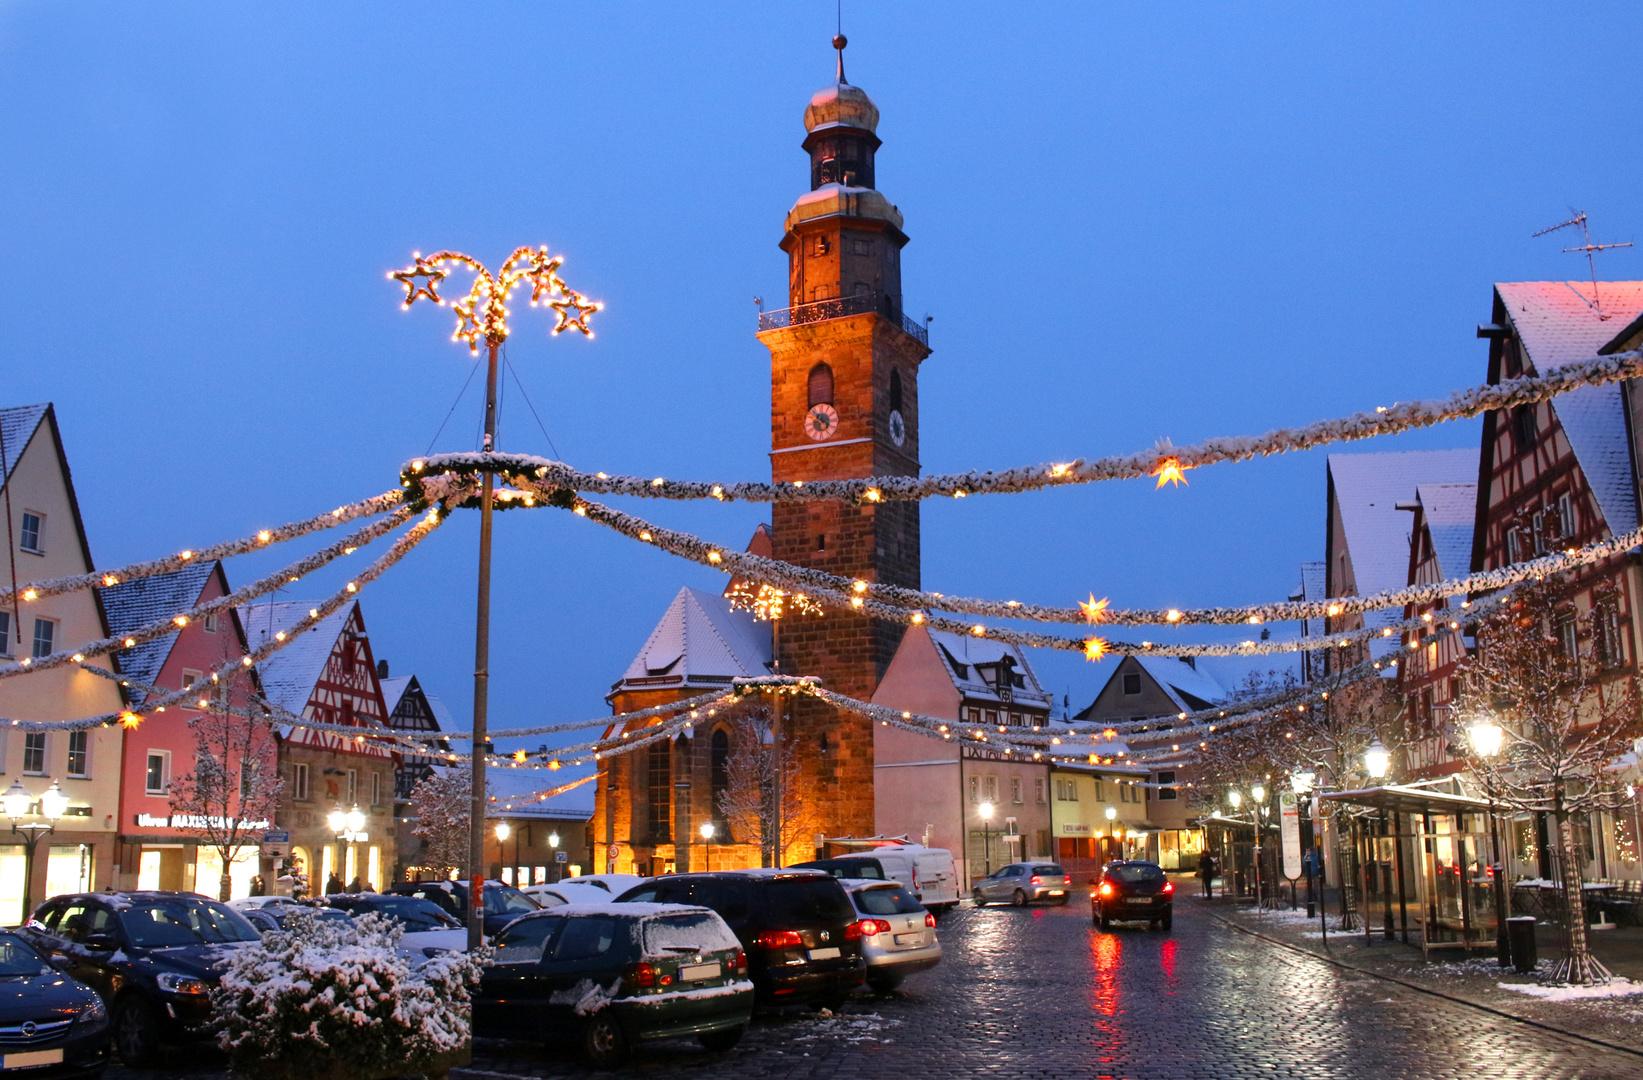 Weihnachten Kirche.Lauf An Der Pegnitz Weihnachten Kirche Franken Nürnberger Land